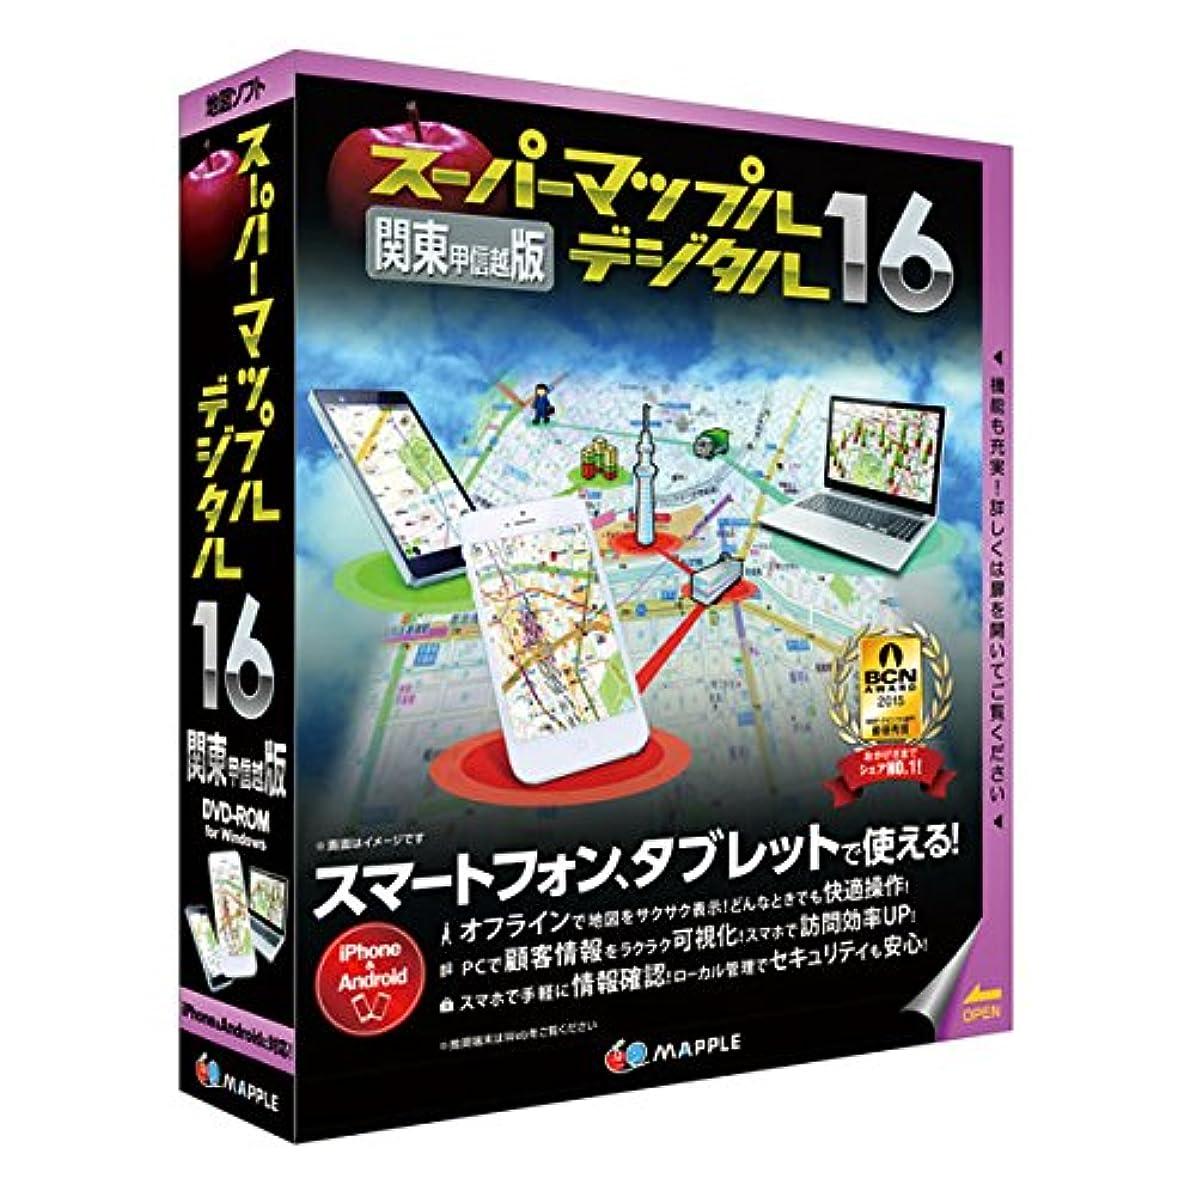 推進こどもセンター骨髄スーパーマップル?デジタル 16関東甲信越版